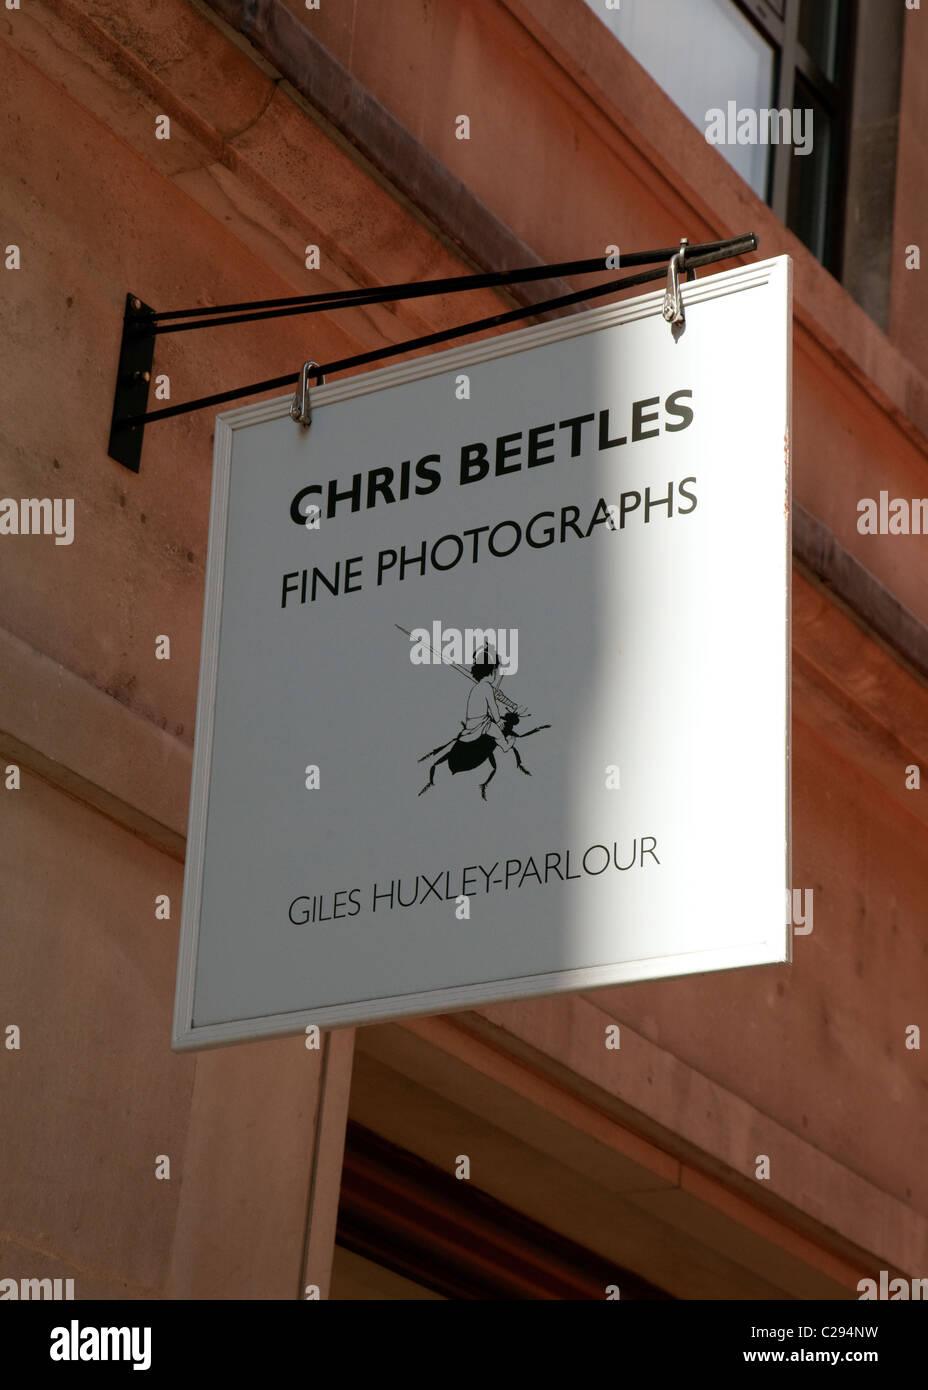 Melden Sie auf Chris Käfer feine Fotos Galerie, Schwalbe Street, London Stockbild